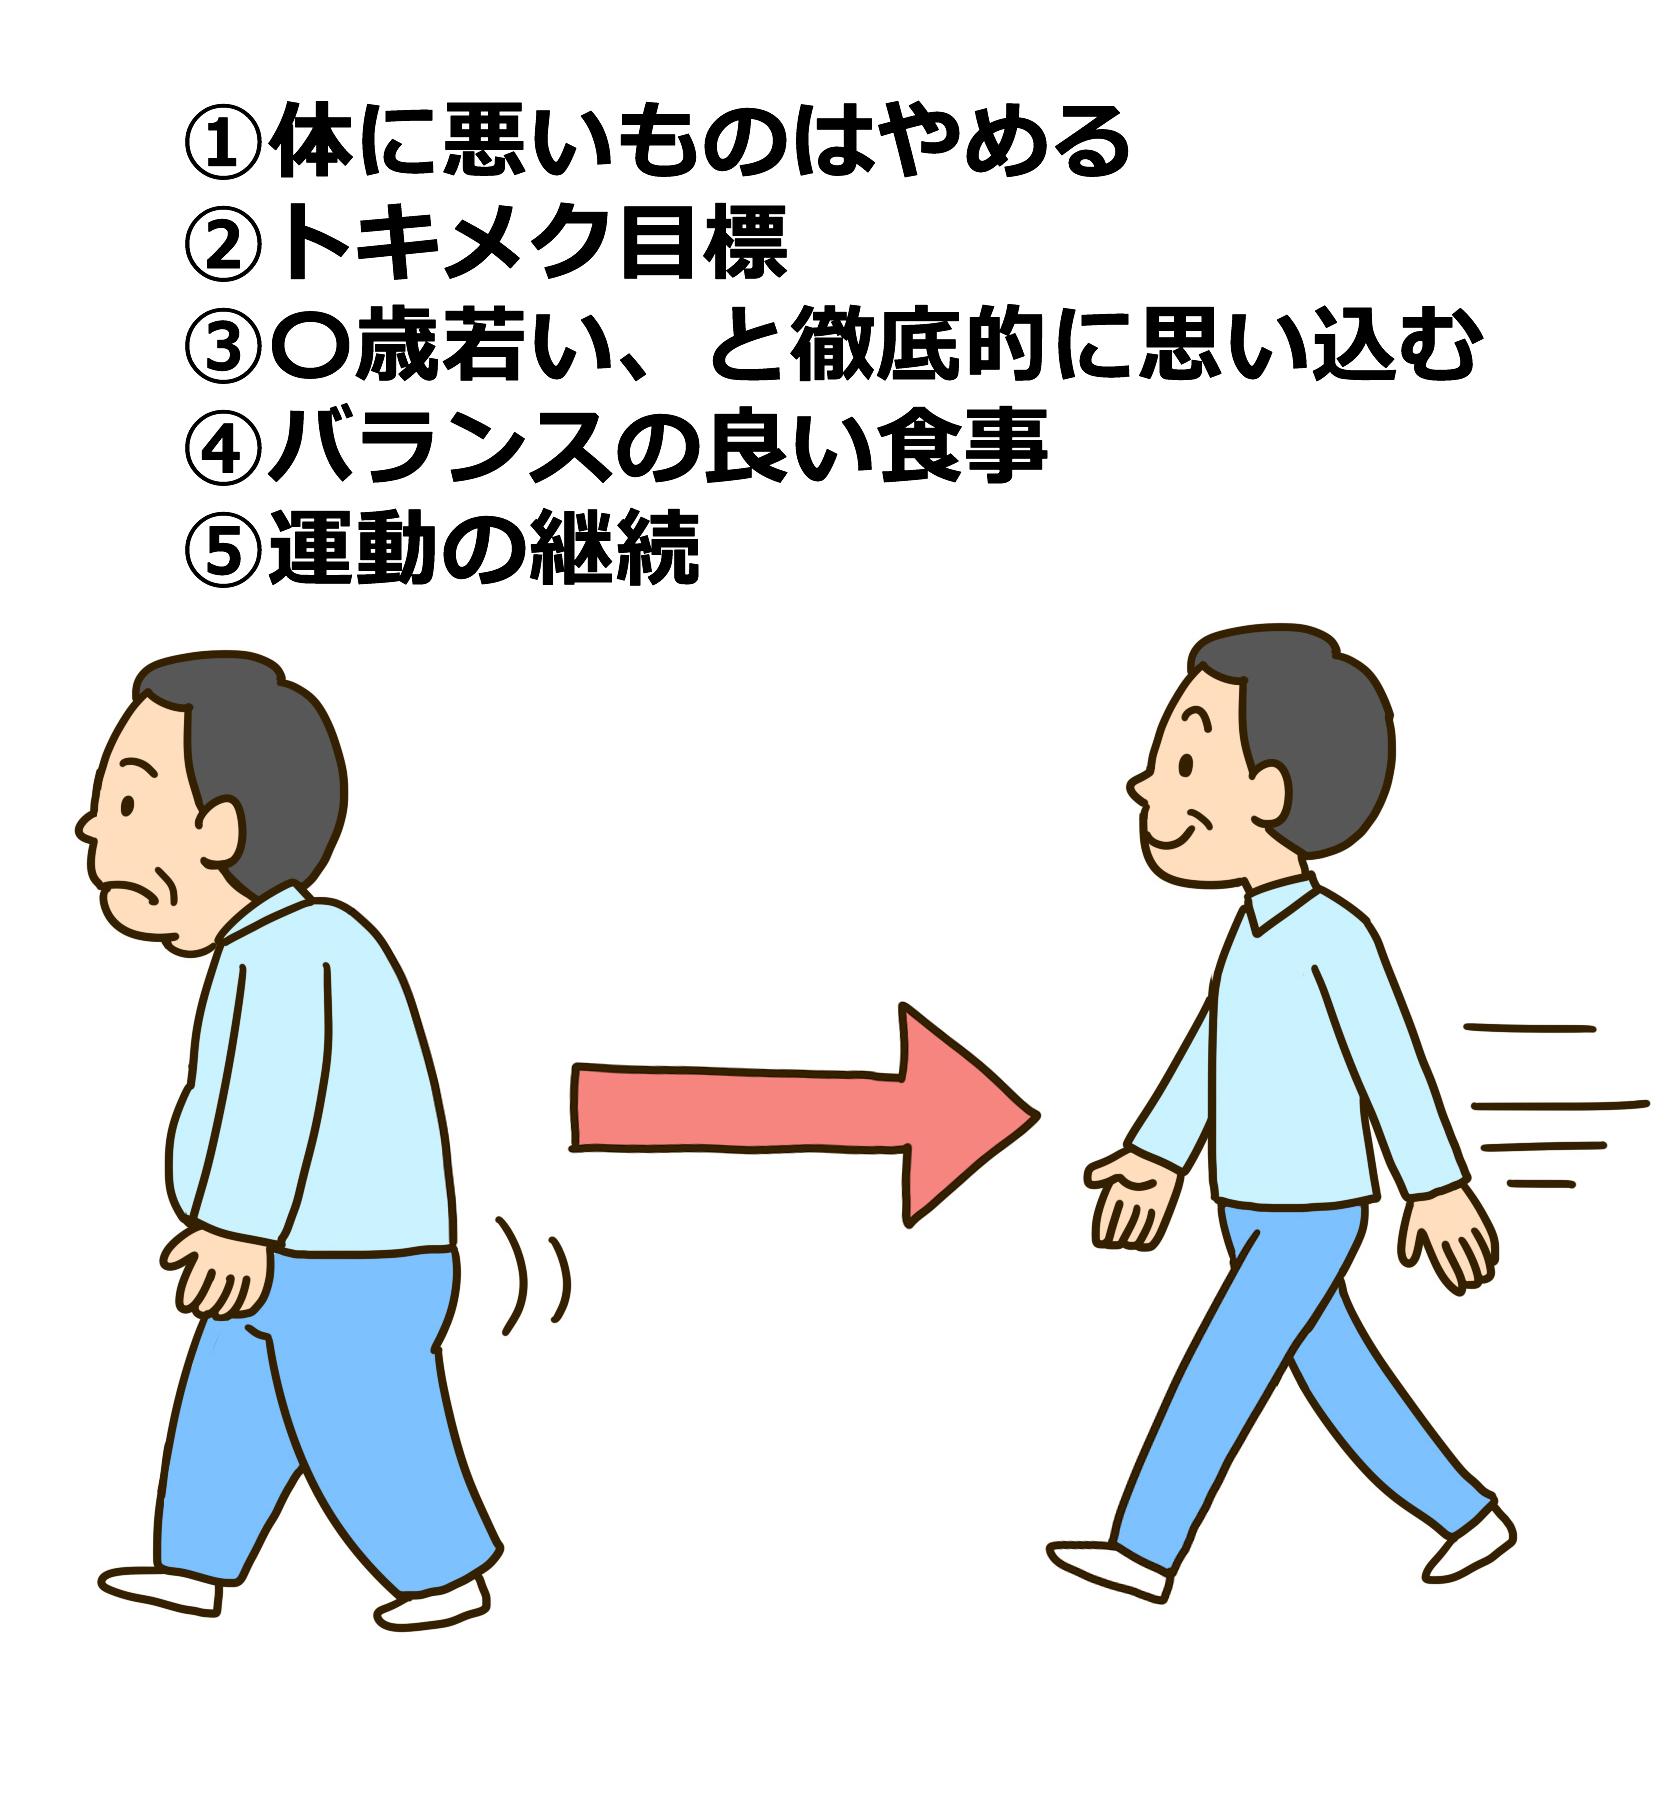 アンチエイジング法